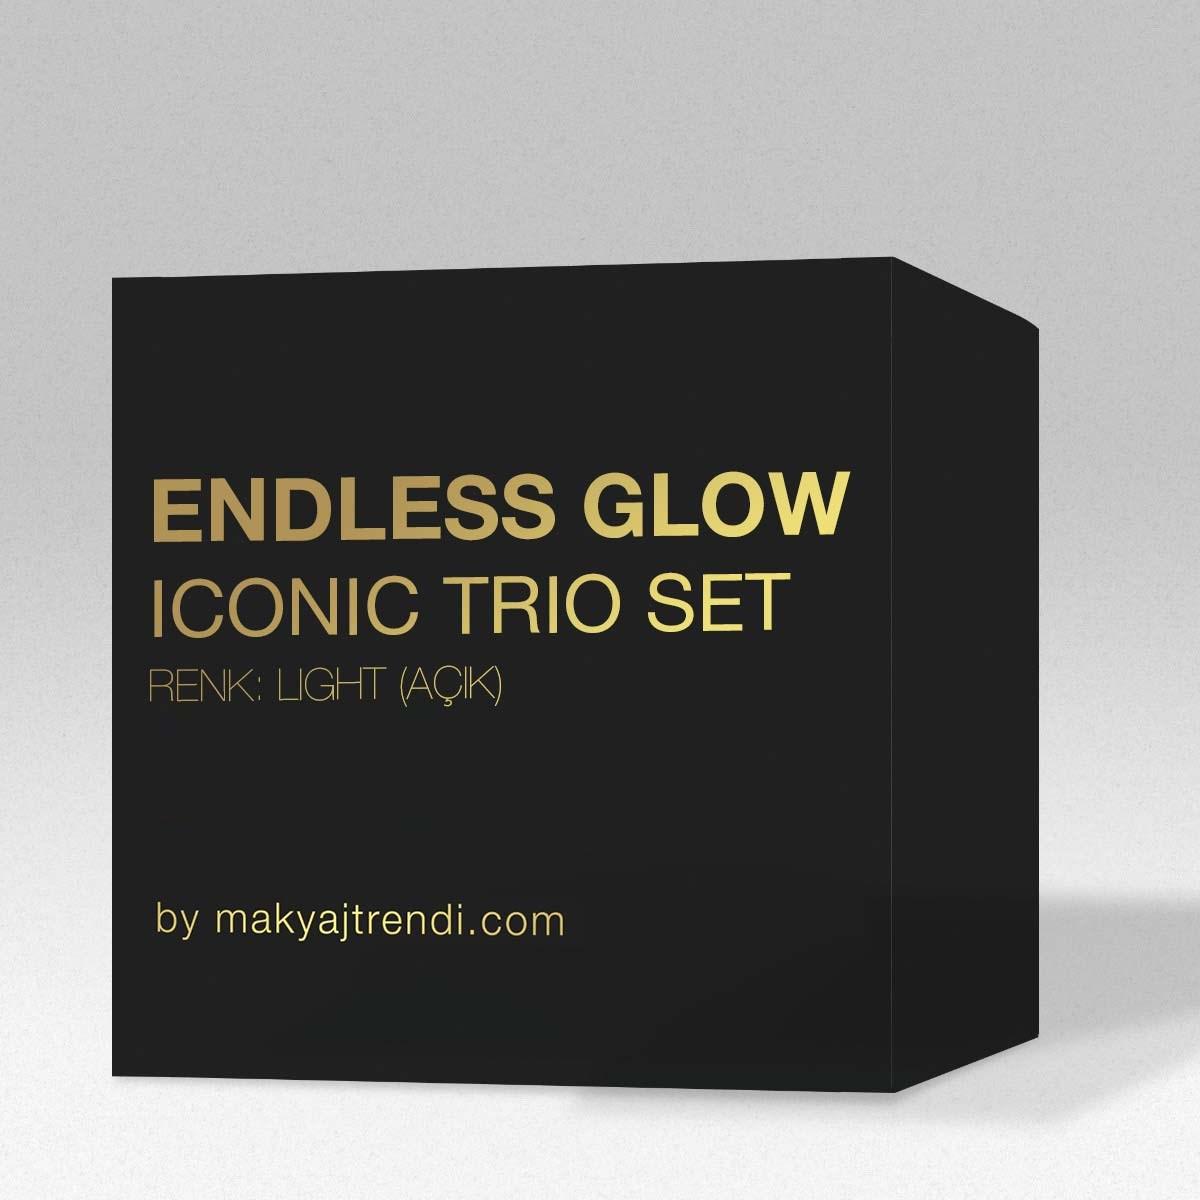 ENDLESS GLOW ICONIC TRIO SET 3